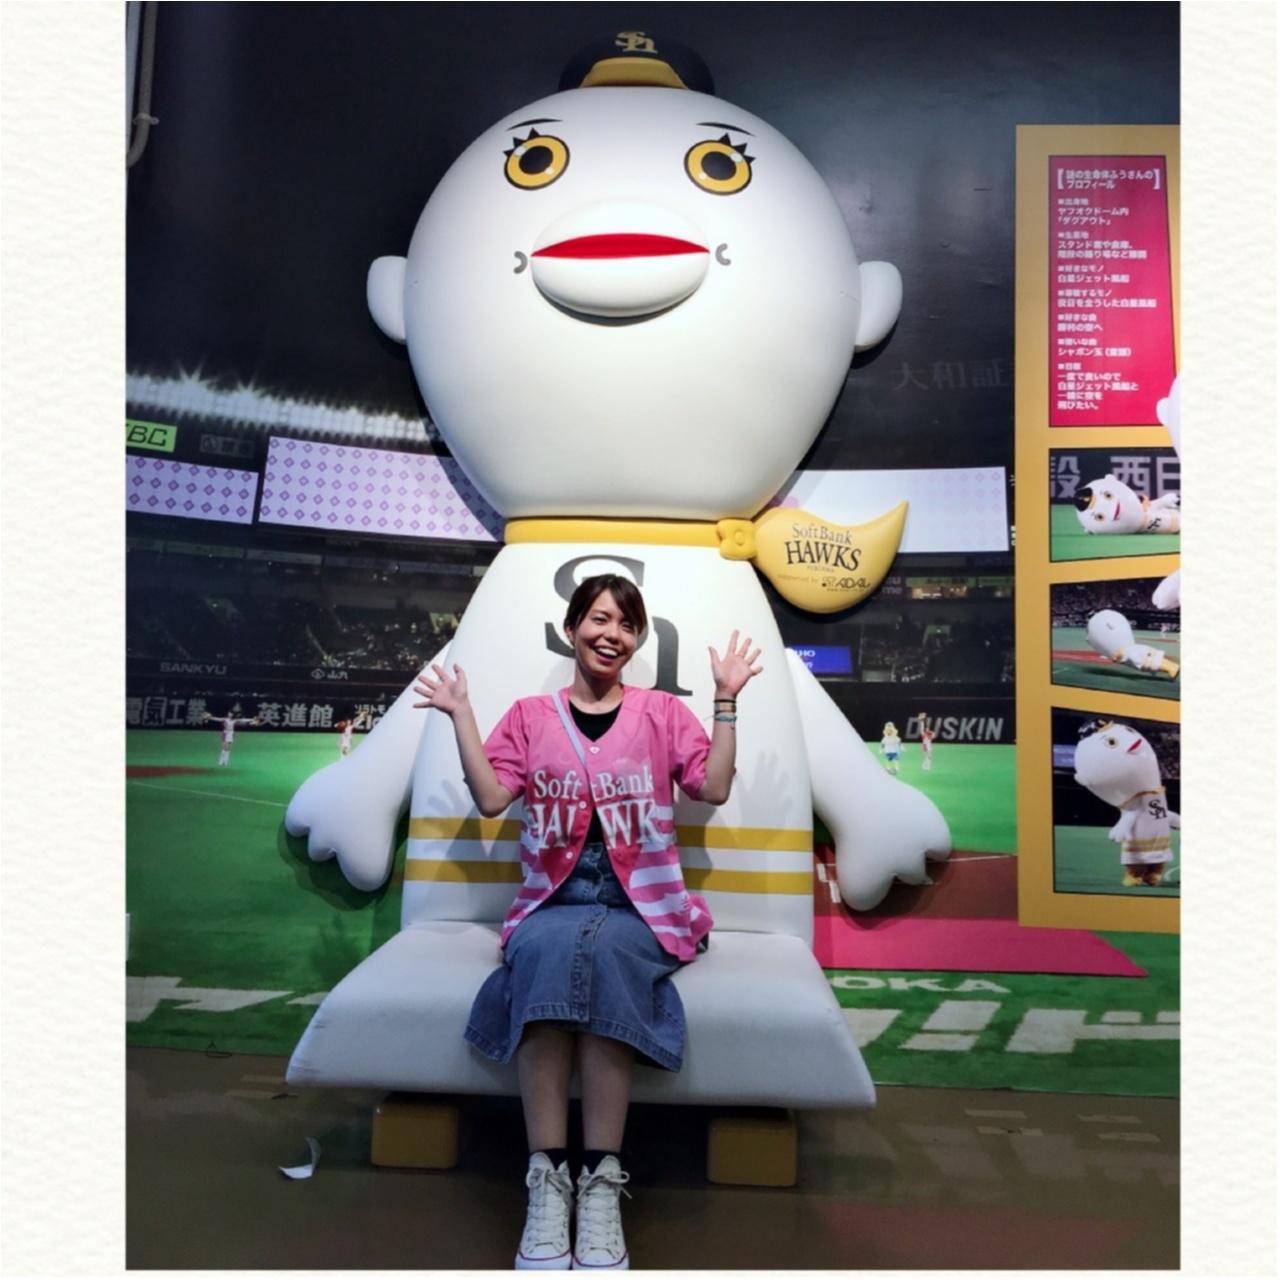 福岡ソフトバンクホークス ヤフオクドーム 野球 フォトスポット